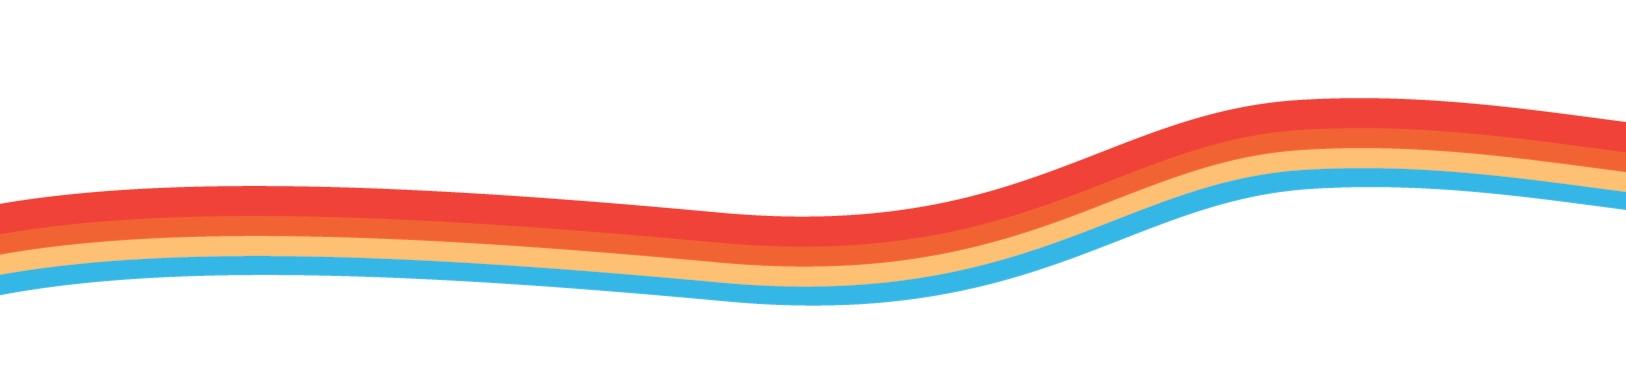 Kesha-Rainbow.jpg